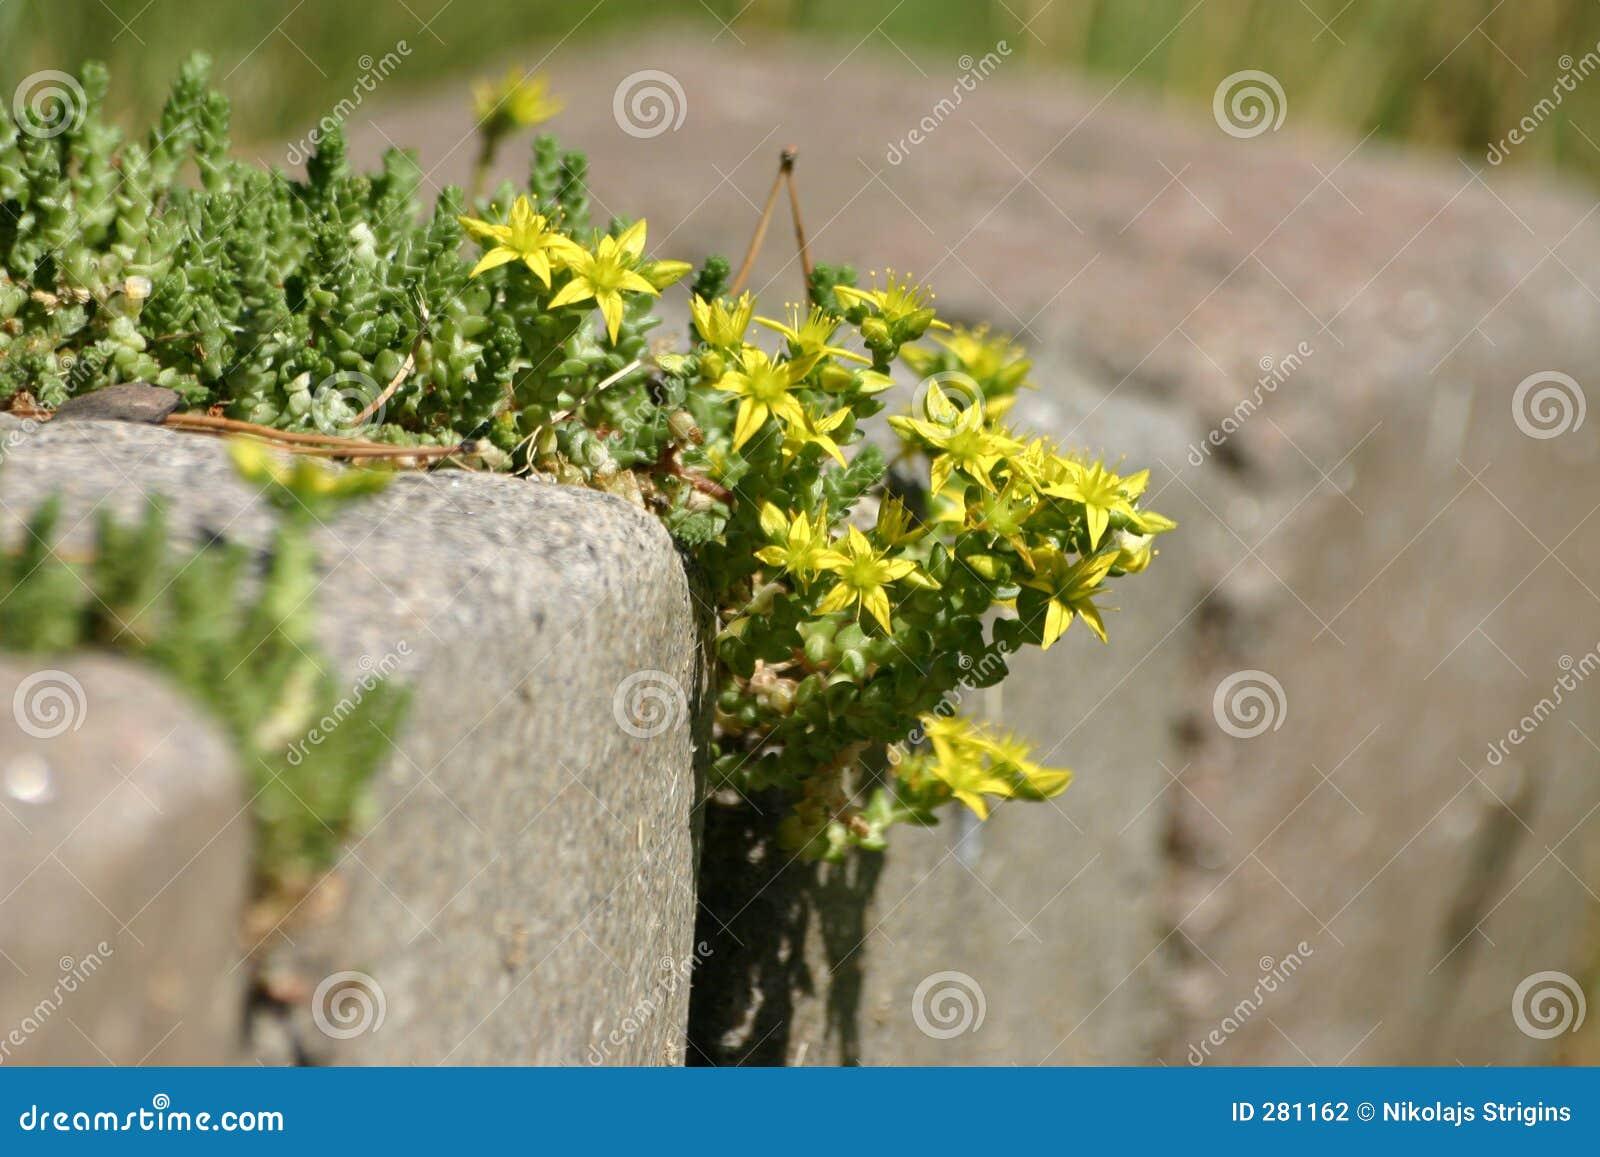 Bloemen op de steen